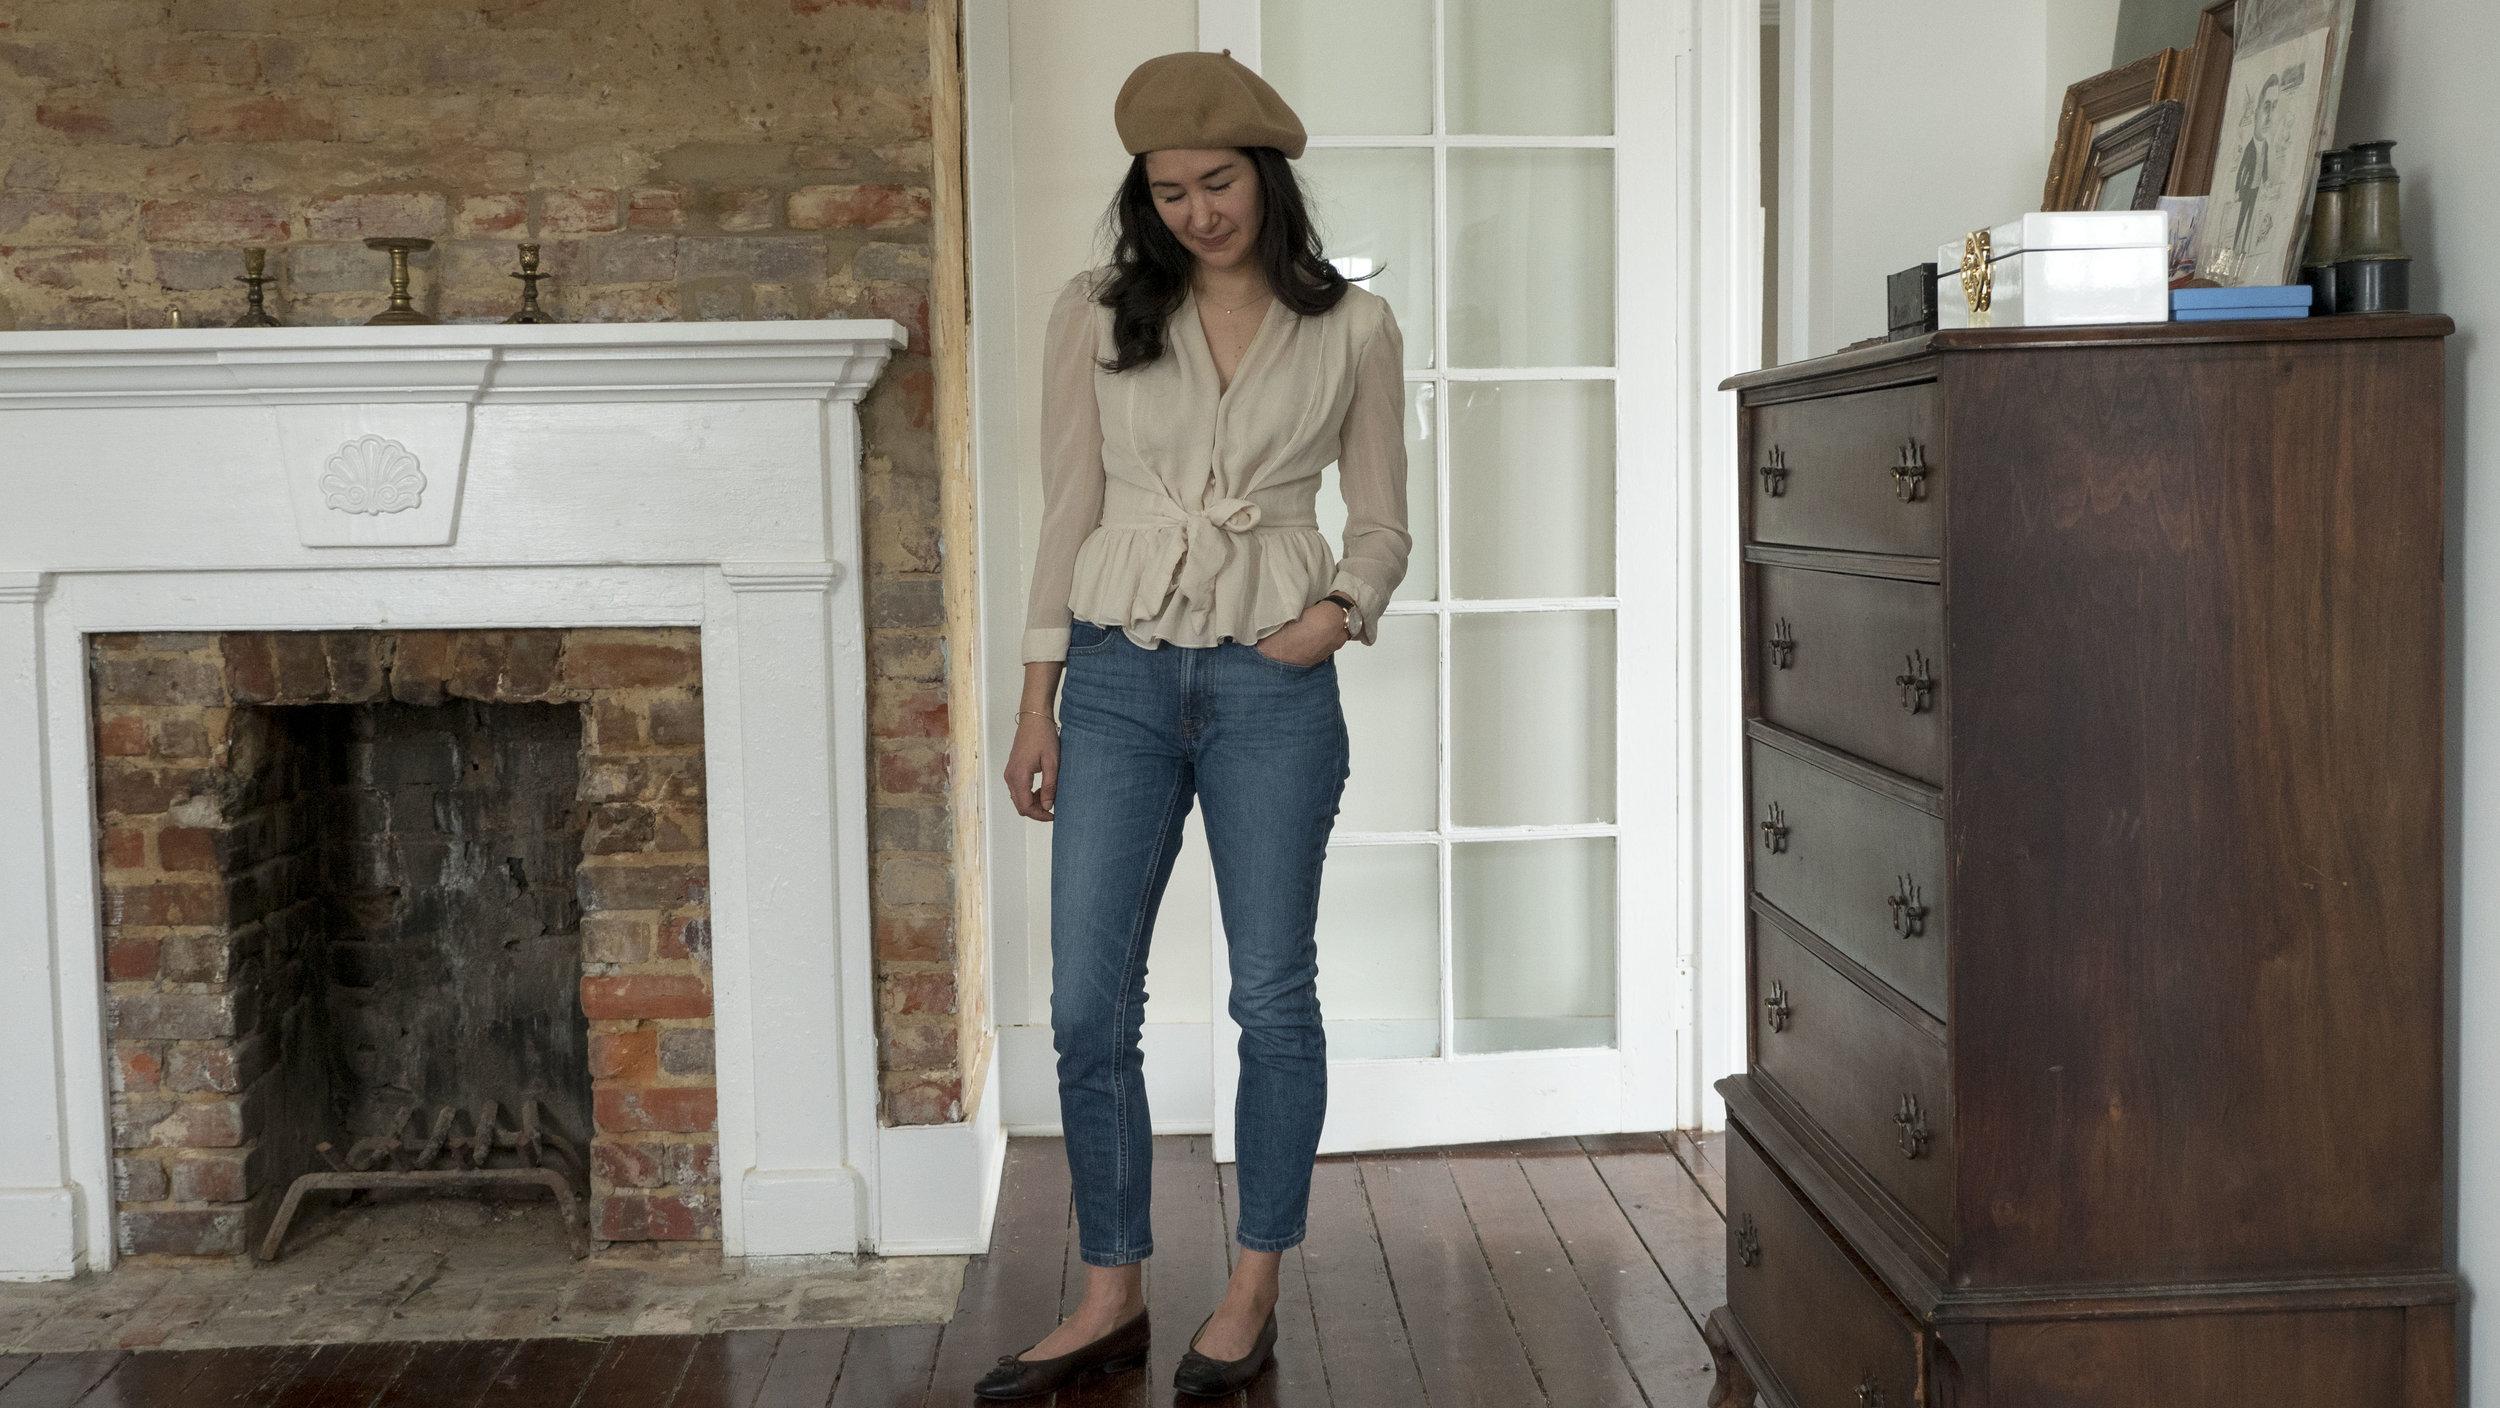 _1022143audrey_a_la_mode_camel-coat-everlane-jeans-jacy-watch-chanel-ballet-flats-round-sunglasses-beret-everlane-cashmere.JPG